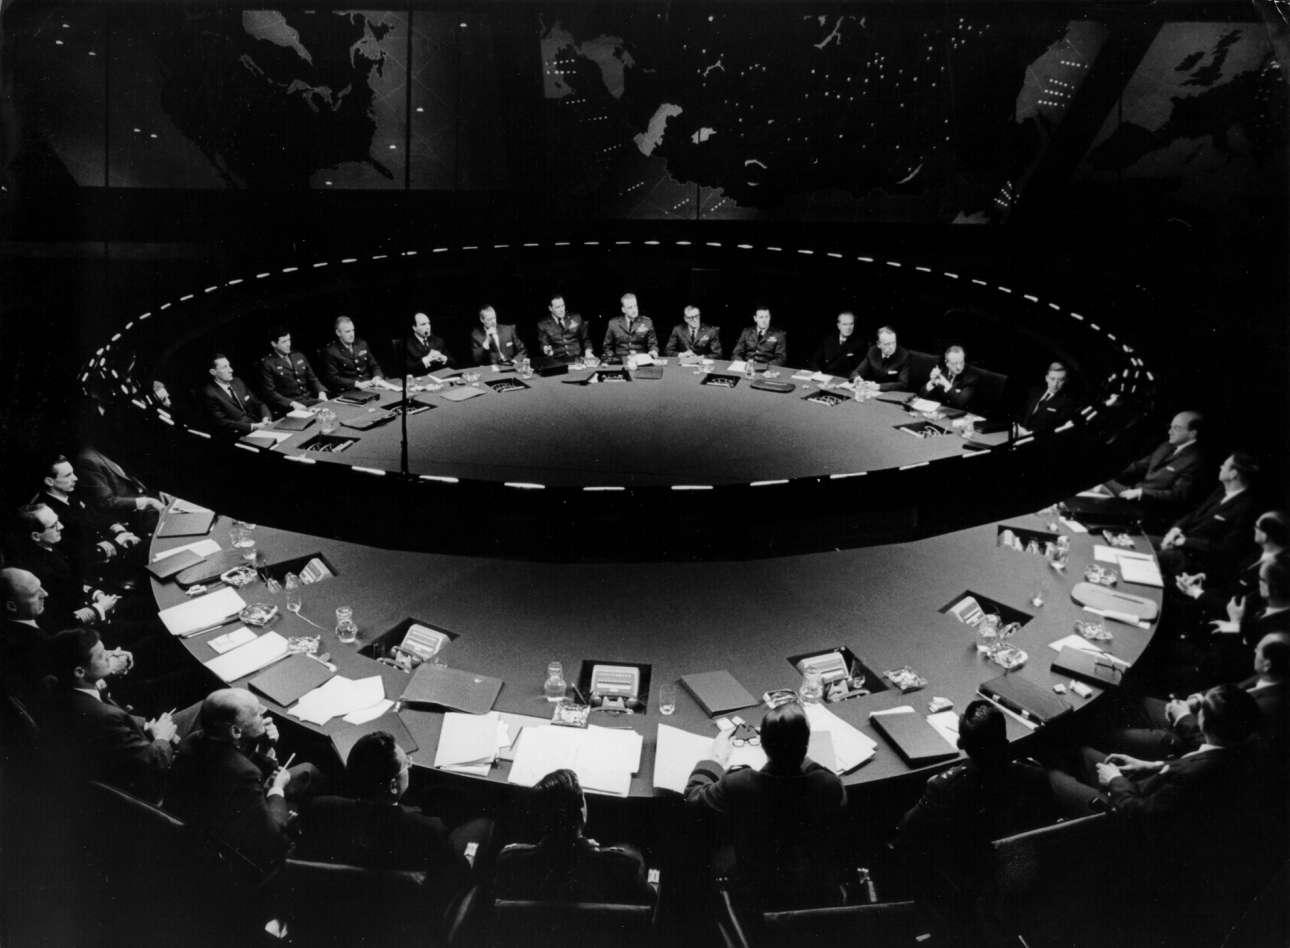 Και το ολοκληρωμένο σκηνικό: το μεγαλειώδες τραπέζι συνεδριάσεων στην «Αίθουσα Πολέμου», το οποίο έχει χαραχθεί στην κινηματογραφική μας μνήμη